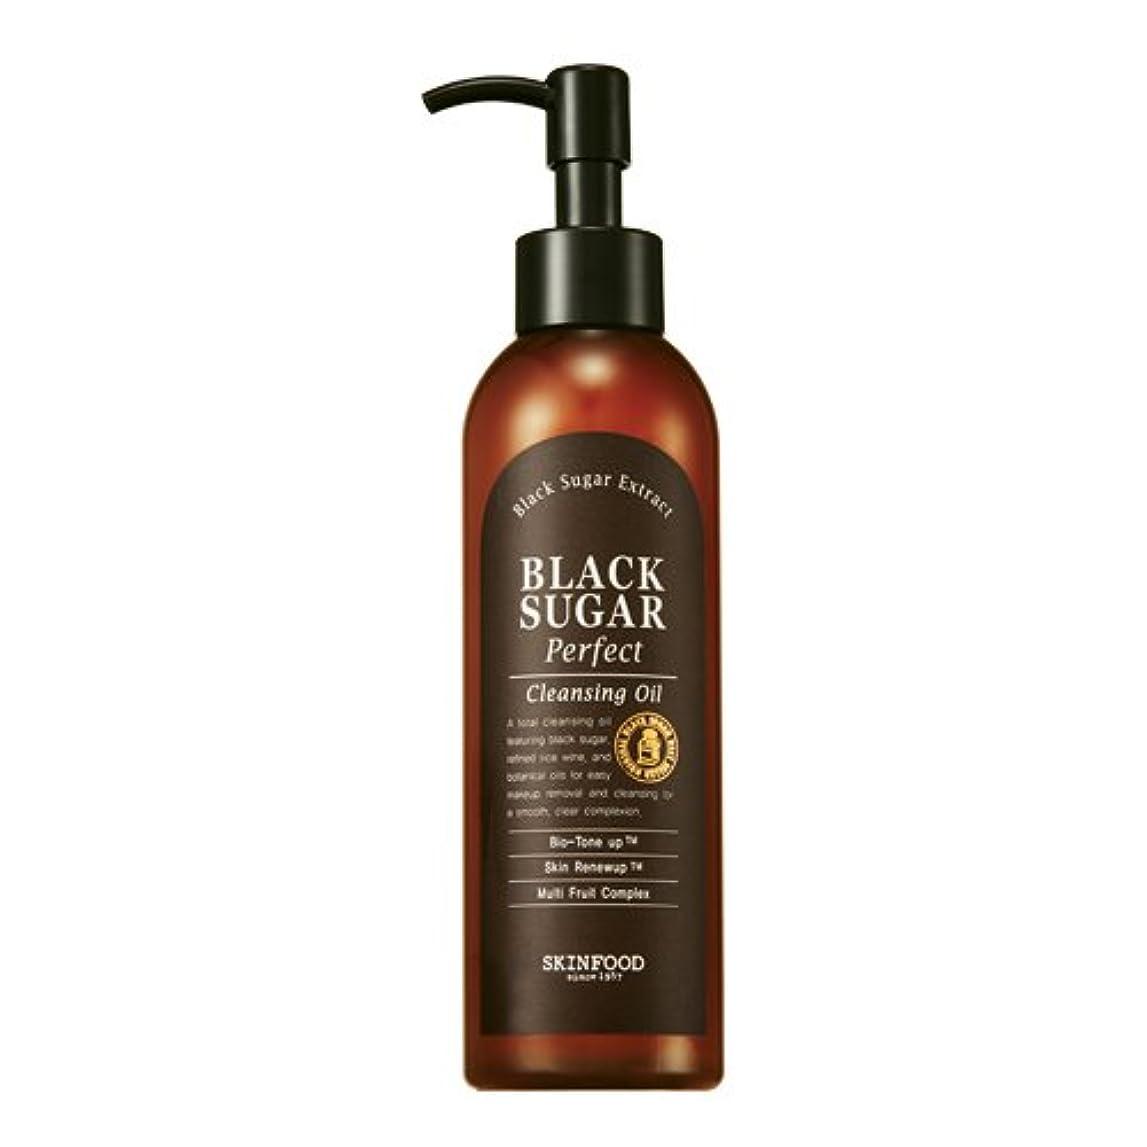 ダイアクリティカルモールス信号ラダSkinfood/Black Sugar Perfect Cleansing Oil/ブラックシュガーパーフェクトクレンジングオイル/200ml [並行輸入品]